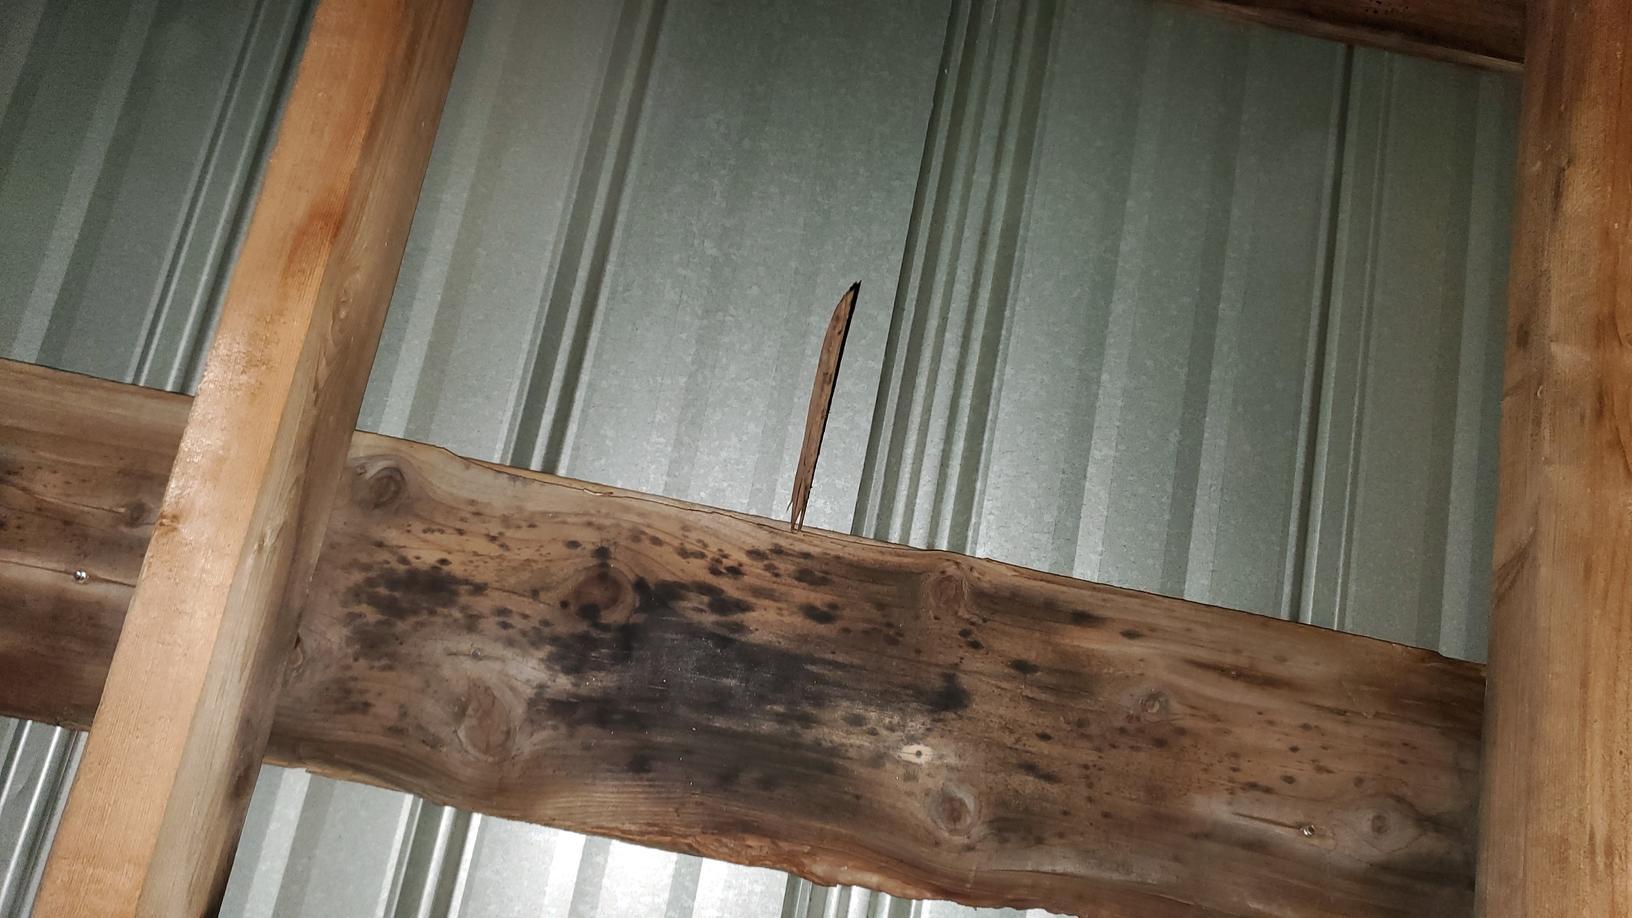 Moissisure sur le bois